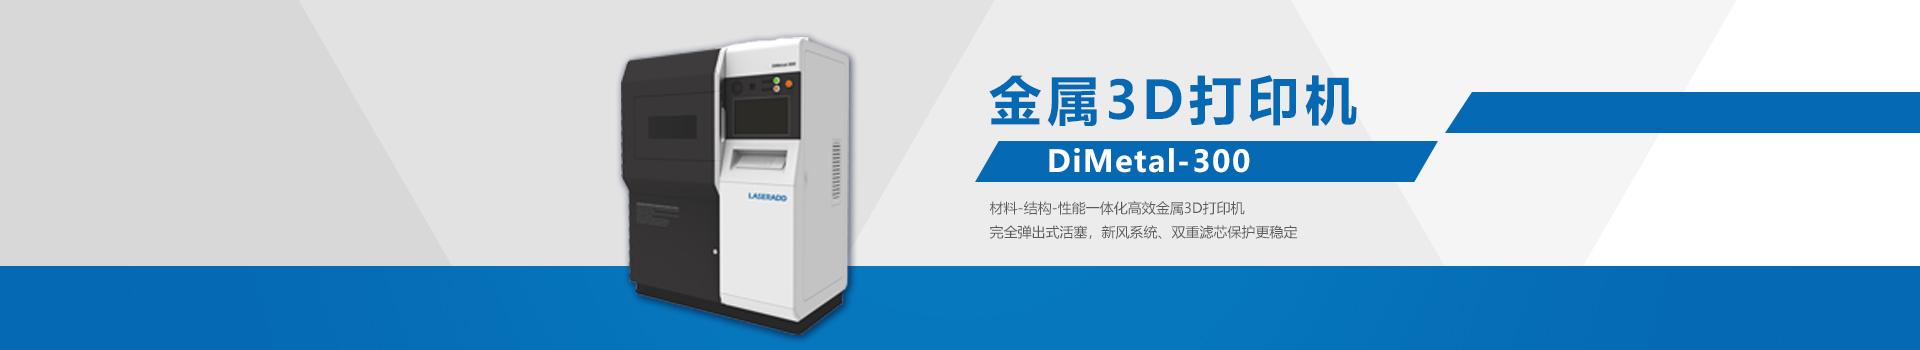 DiMetal-300 金属3D打印机